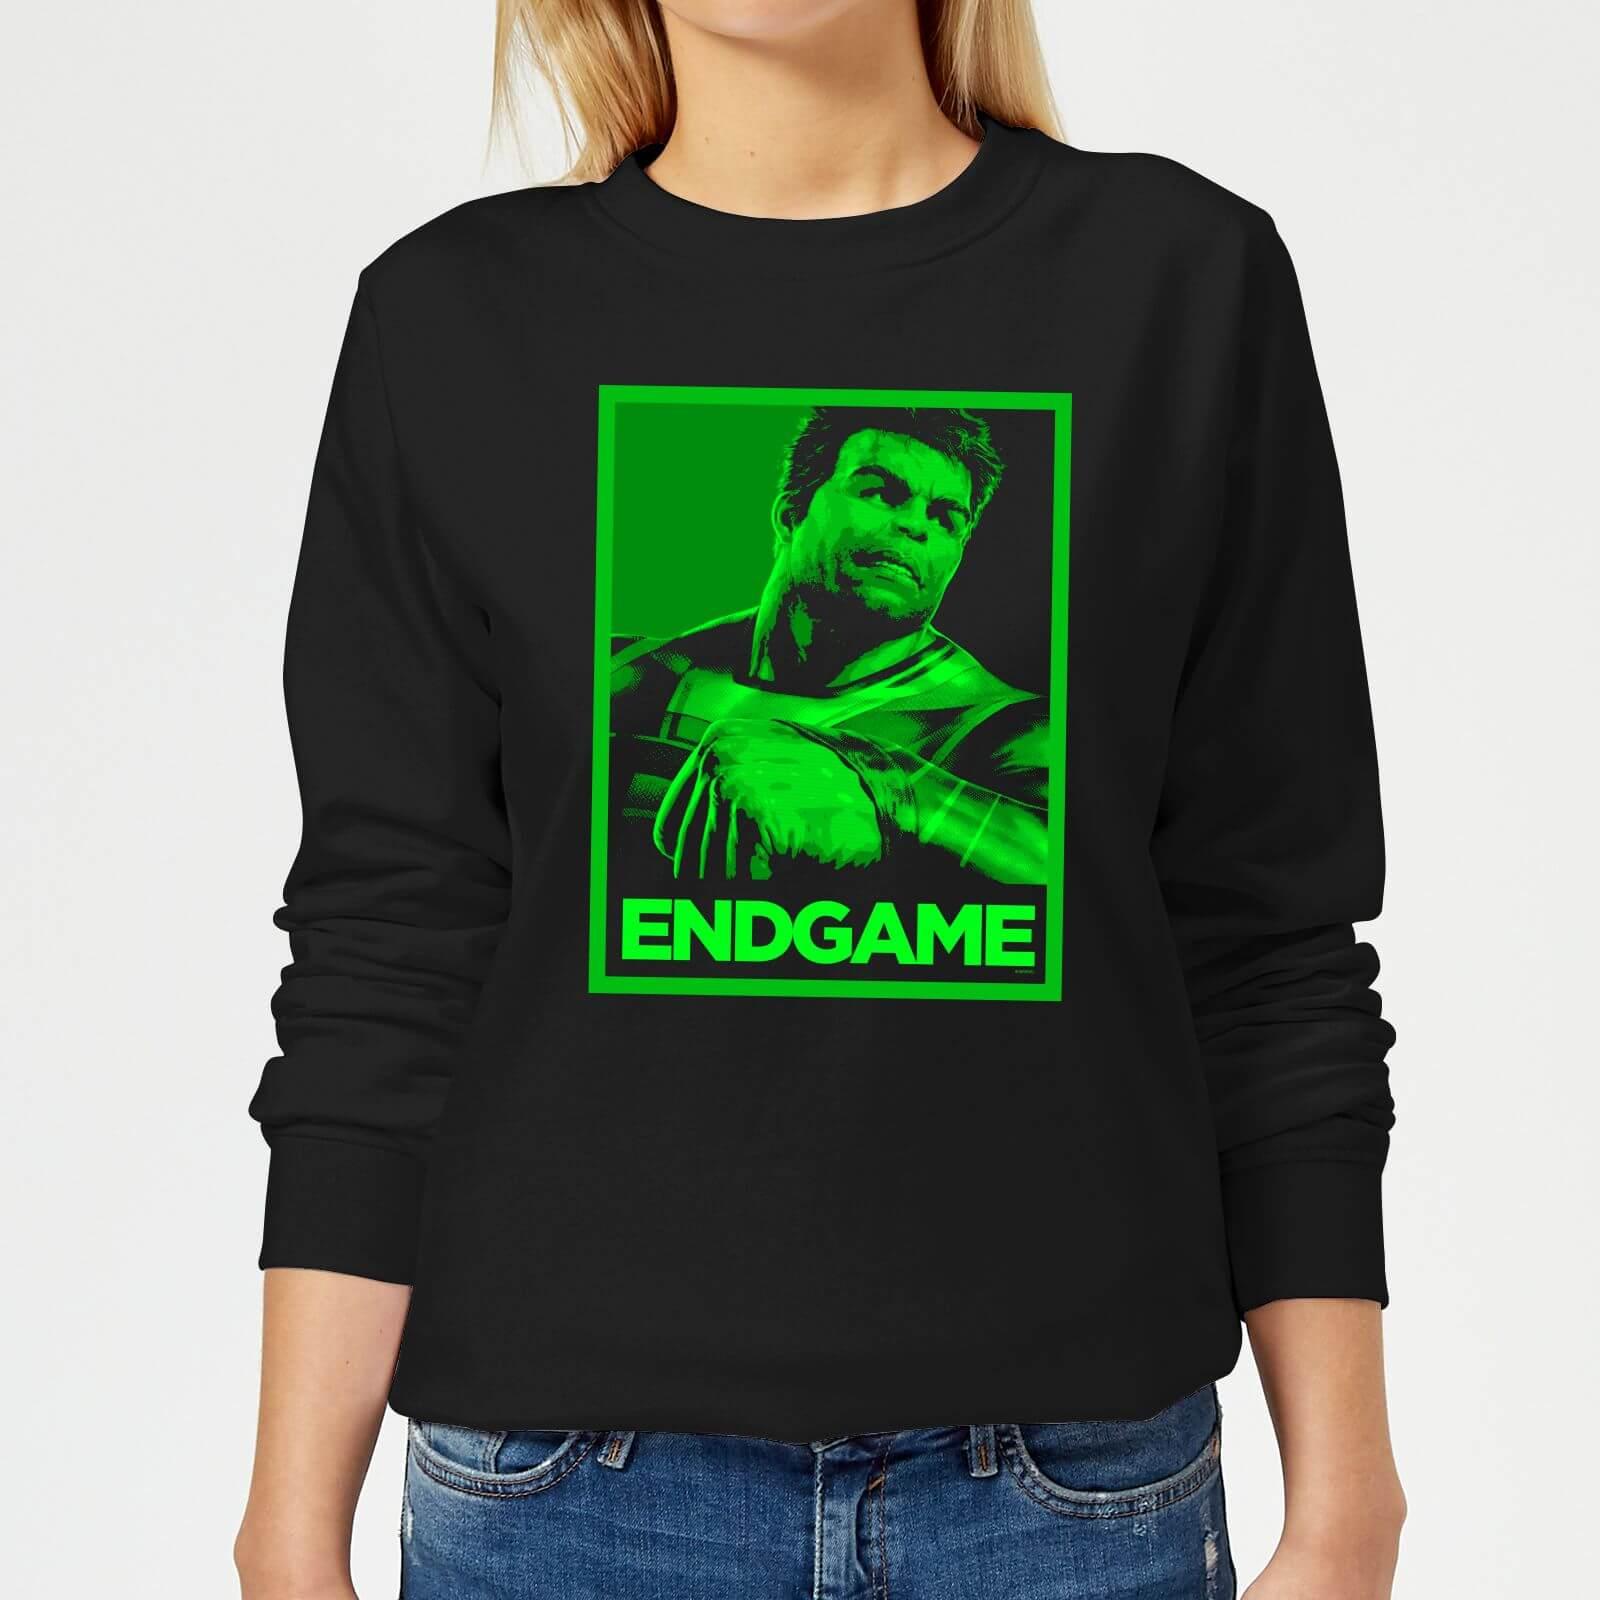 Marvel Avengers Endgame Hulk Poster Women's Sweatshirt - Black - 5XL - Black